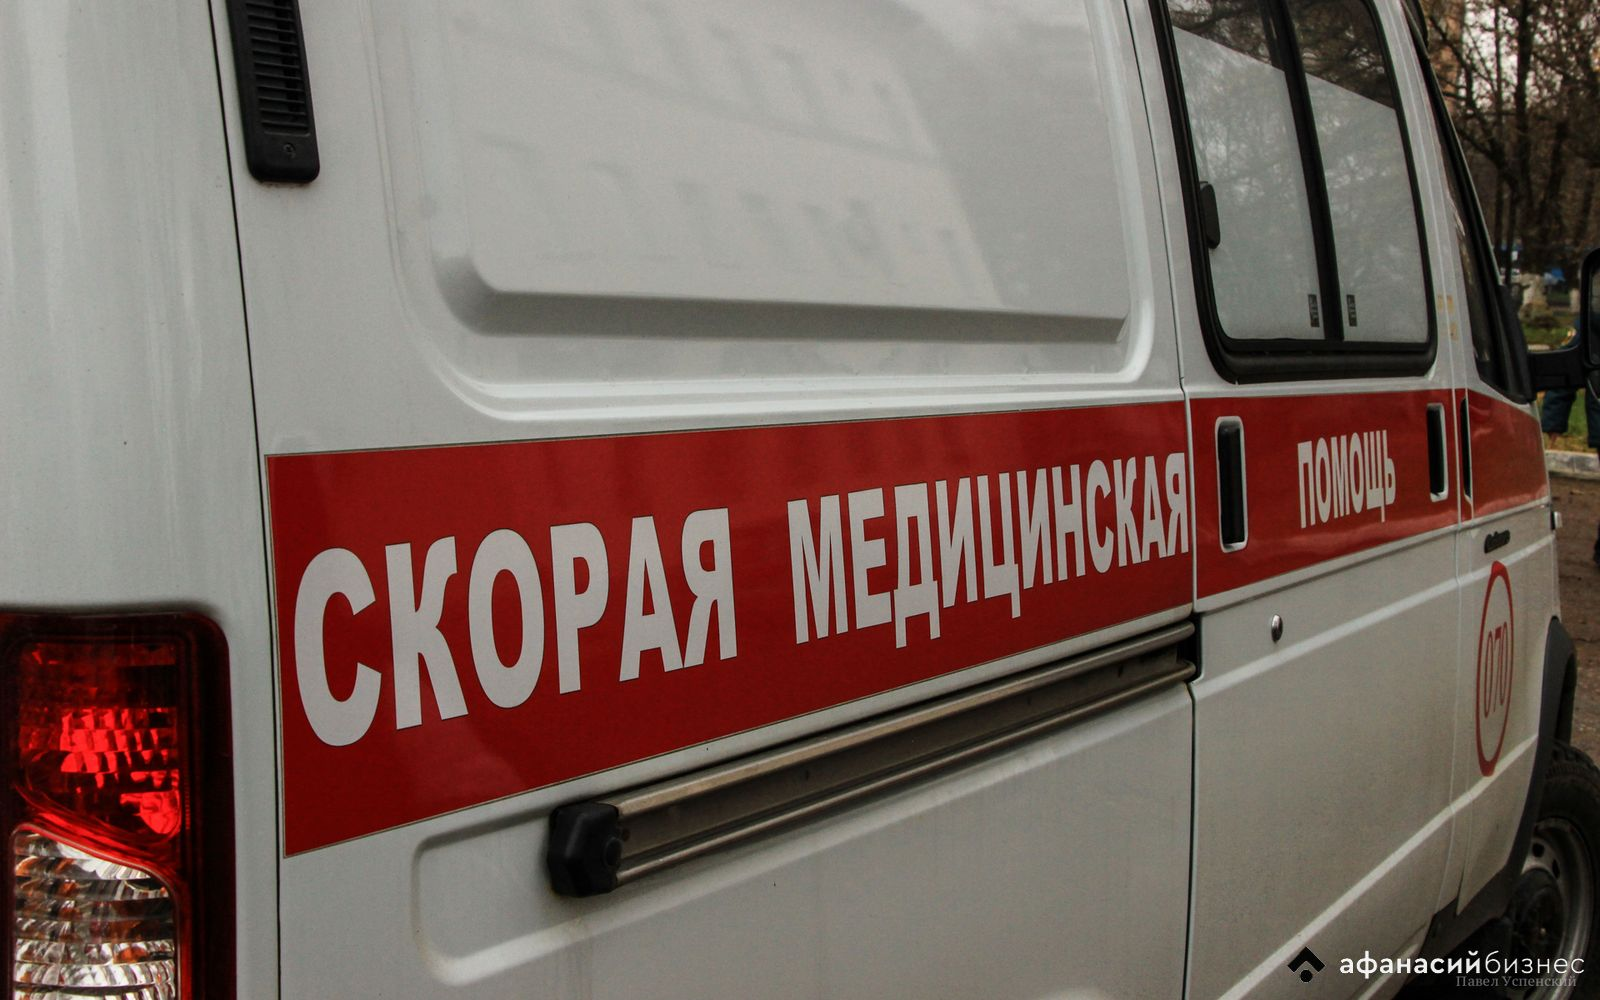 Житель Тверской области нашел на путях в Крыму попавшего под поезд мужчину